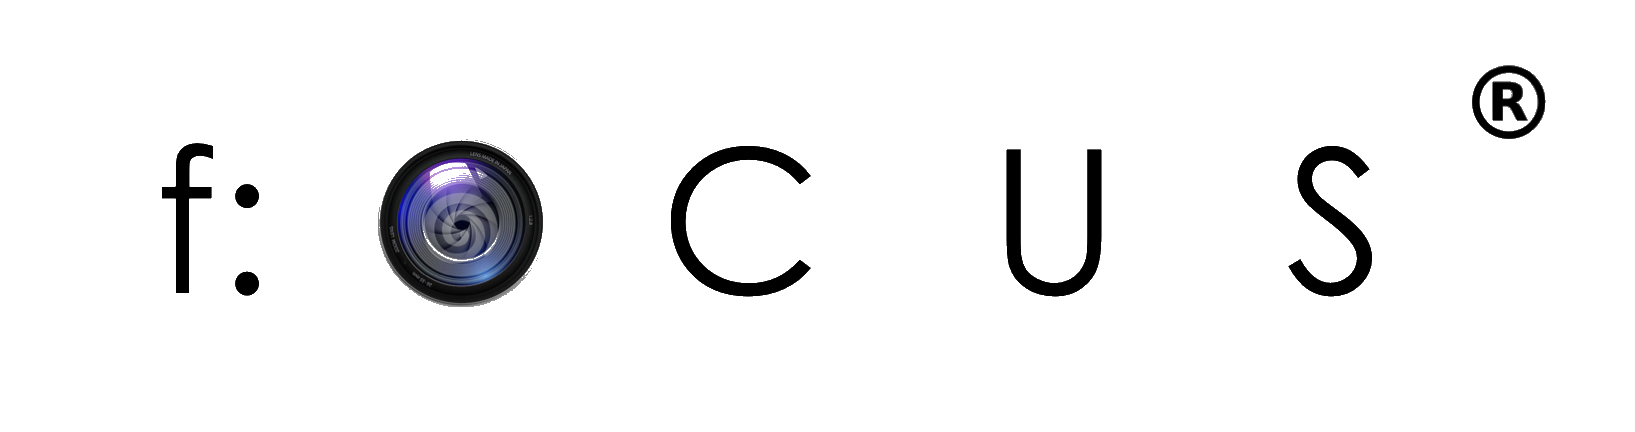 focus logo white.png